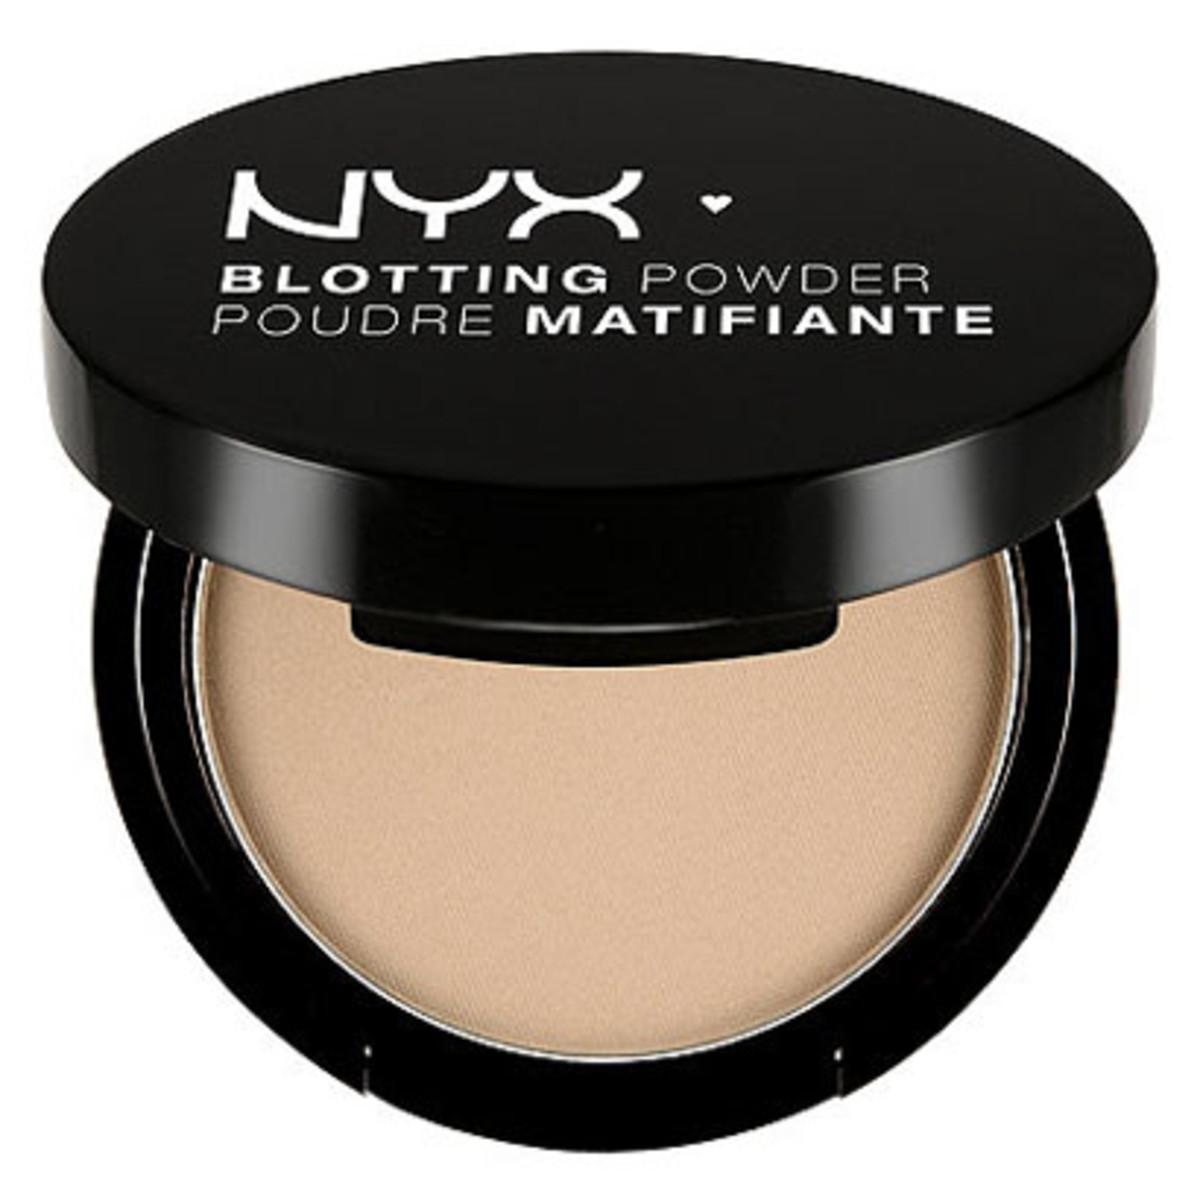 NYX Cosmetics Blotting Powder in Light